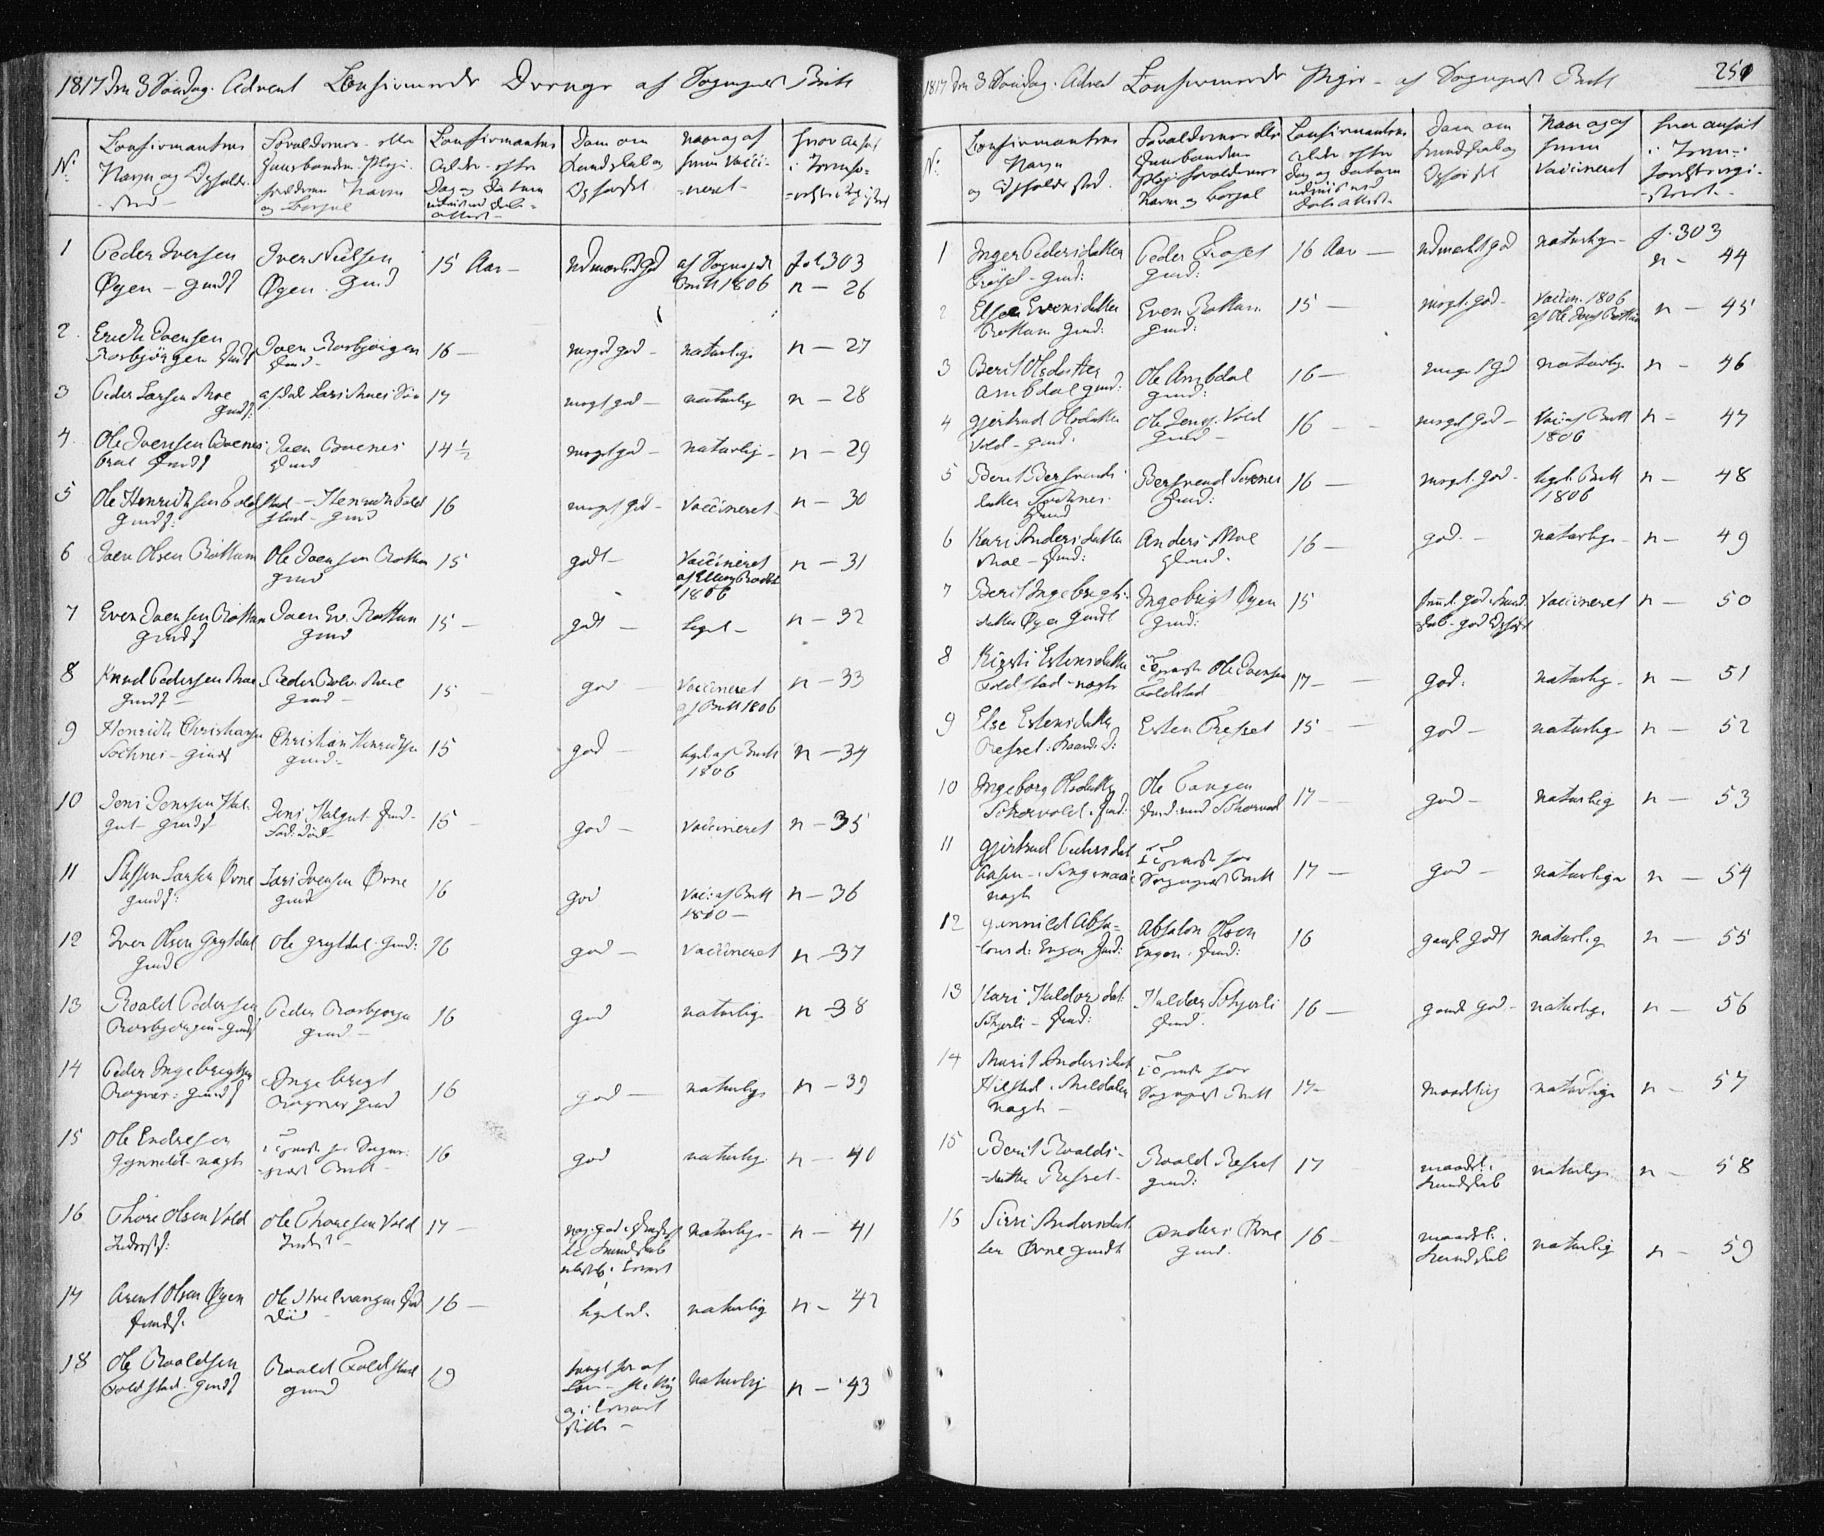 SAT, Ministerialprotokoller, klokkerbøker og fødselsregistre - Sør-Trøndelag, 687/L1017: Klokkerbok nr. 687C01, 1816-1837, s. 251